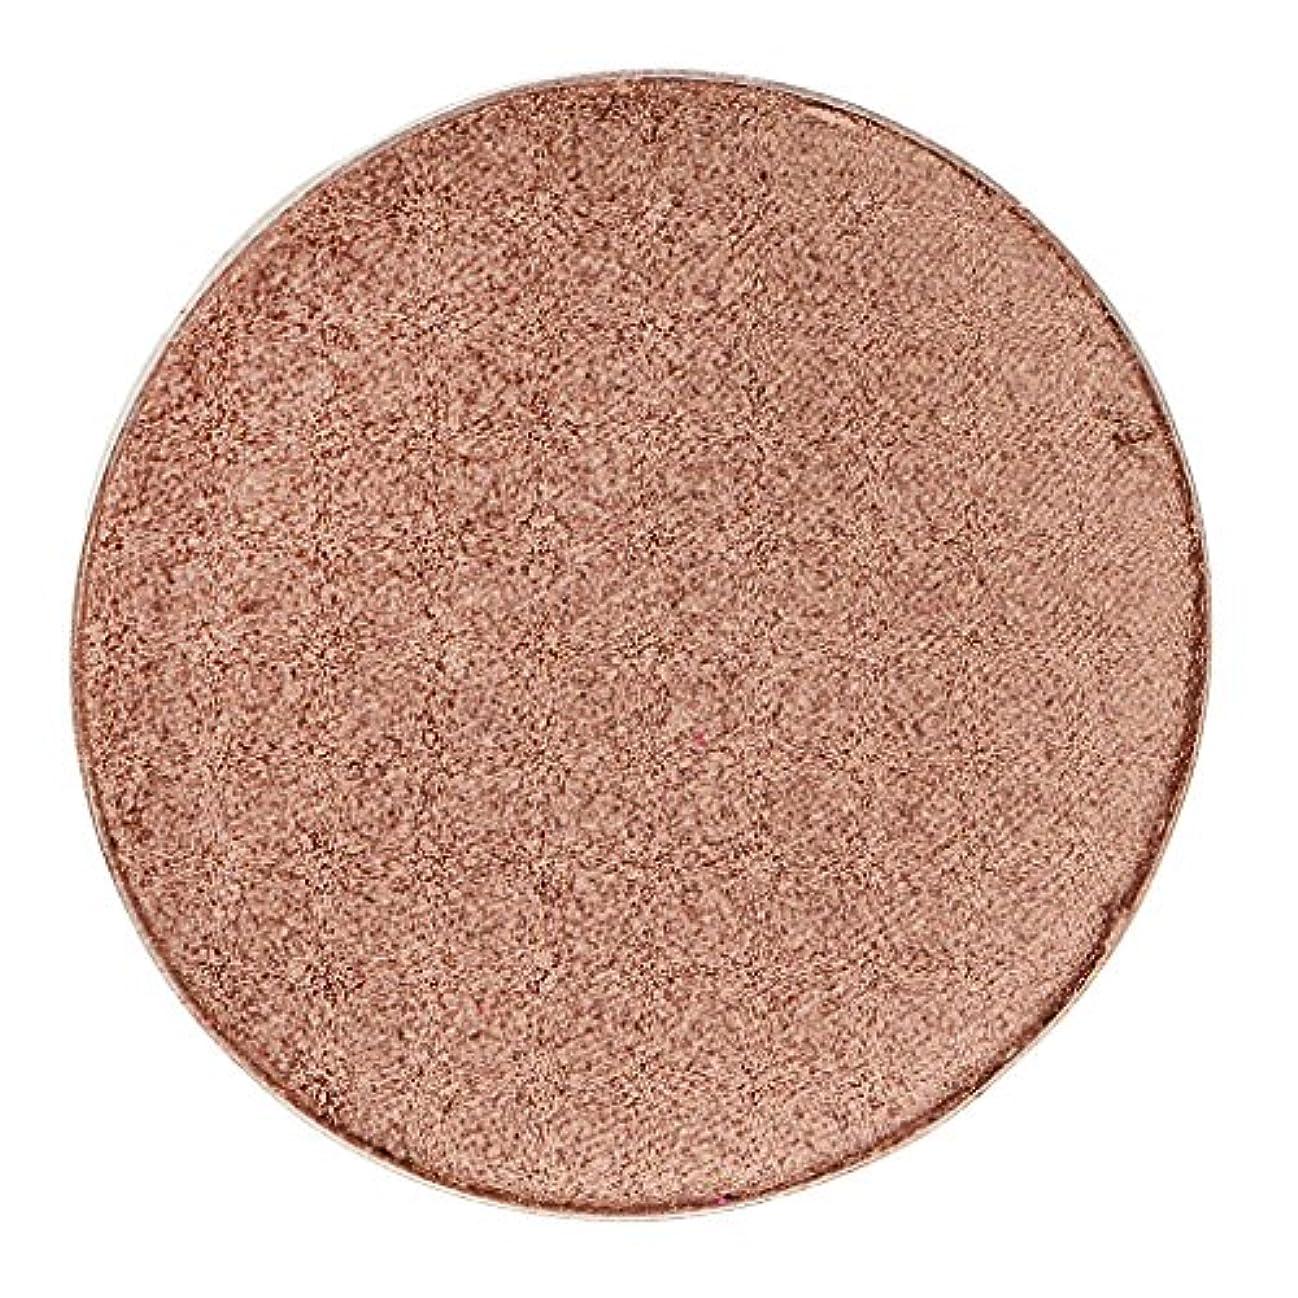 博覧会泥だらけこどもセンター美容キラキラアイシャドウパレット化粧品アイシャドウメイク5色 - #39ブラウン